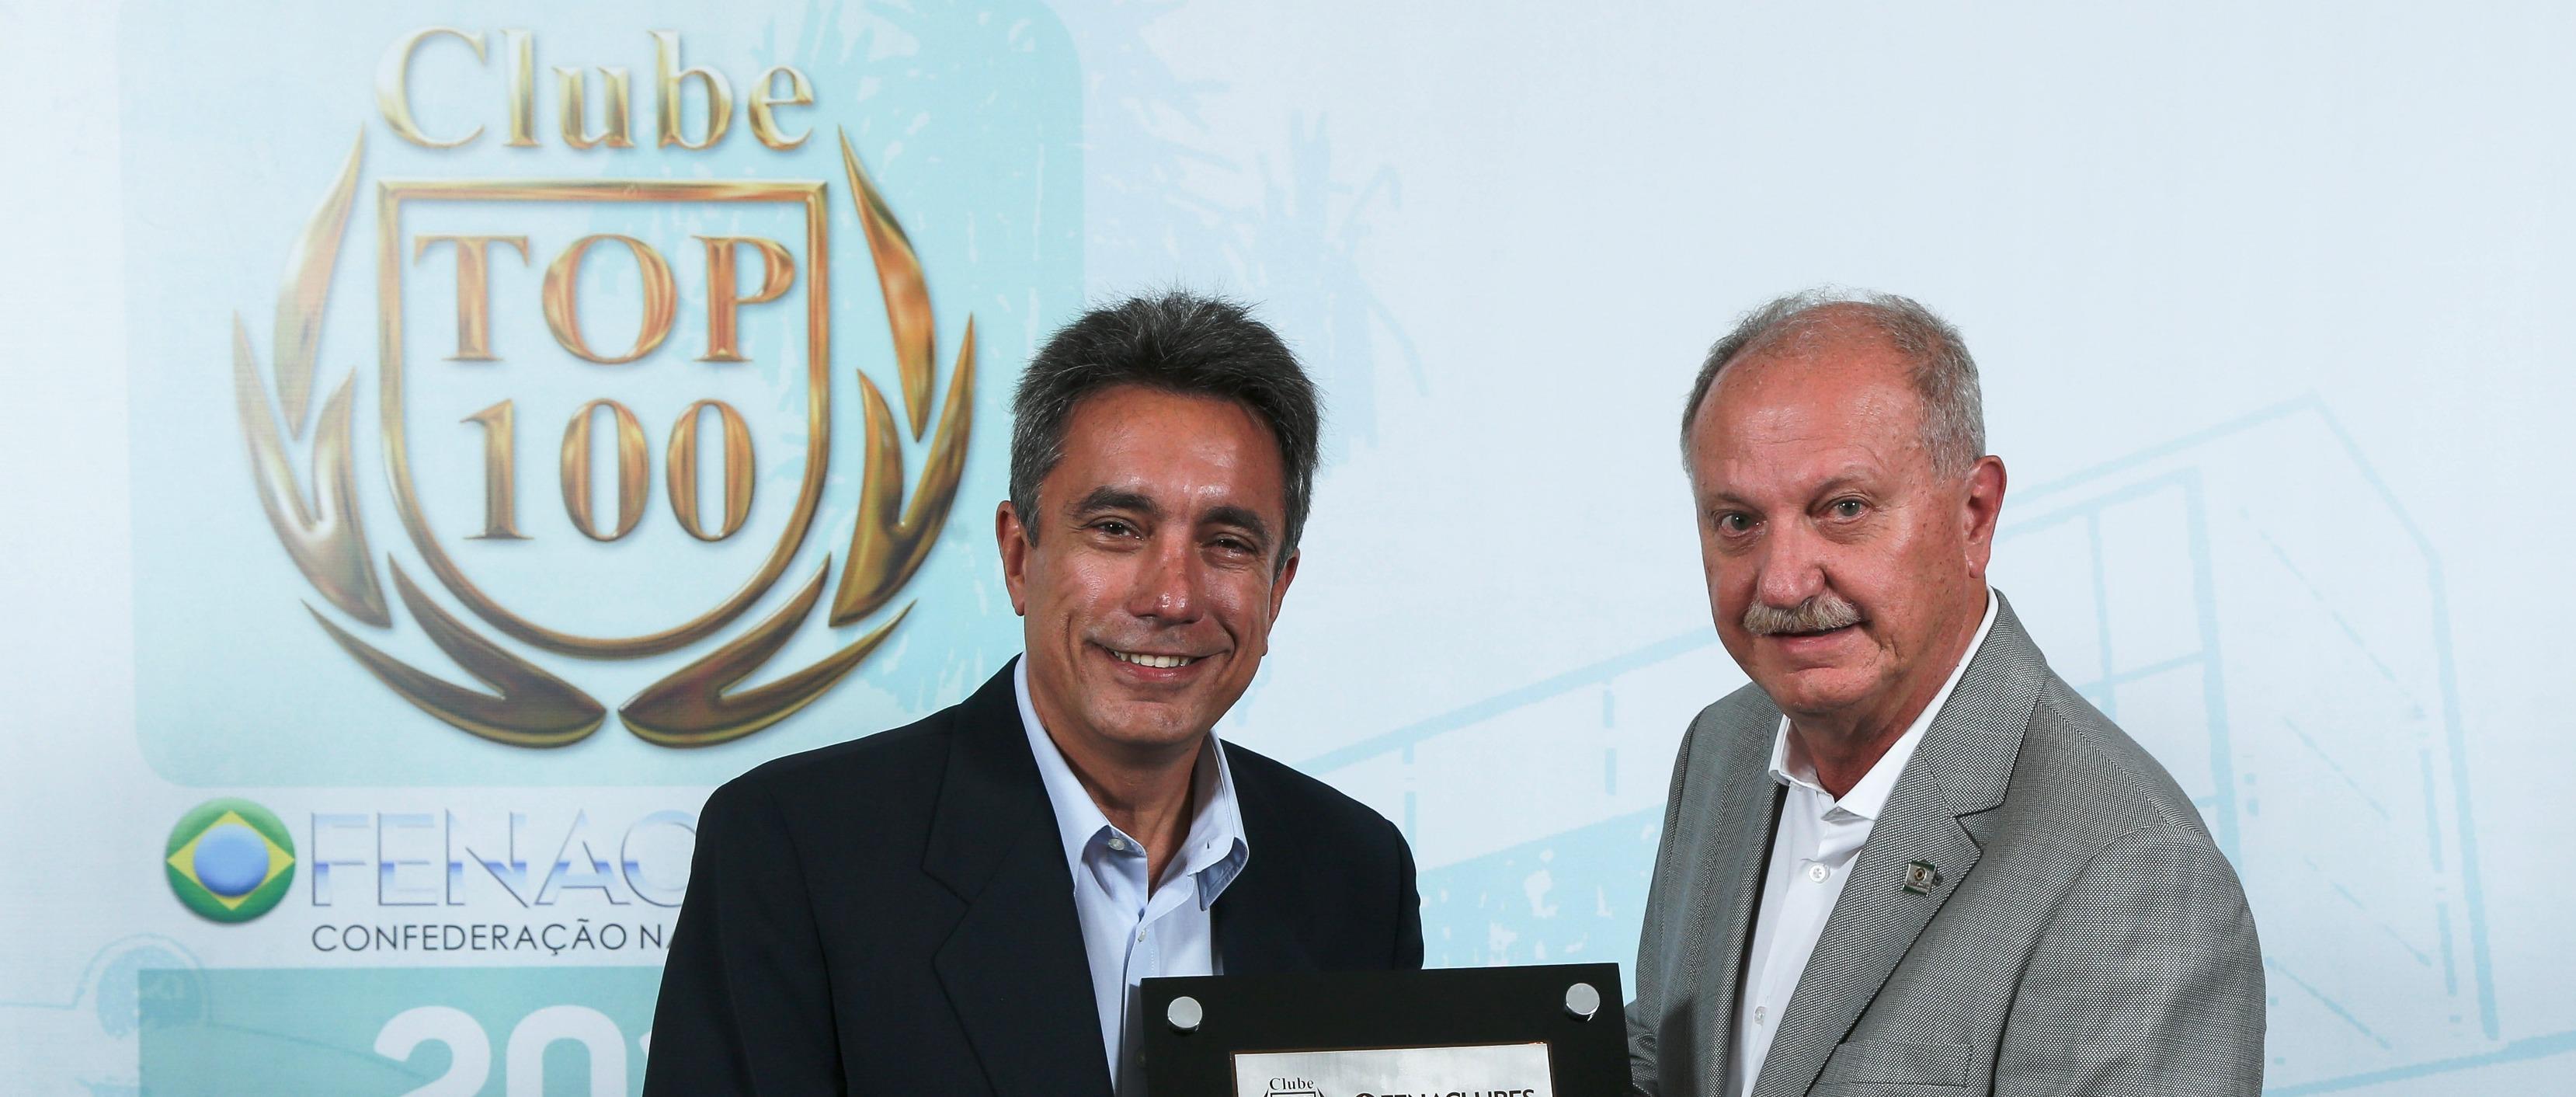 VDS recebe o Prêmio TOP 100 da Fenaclubes